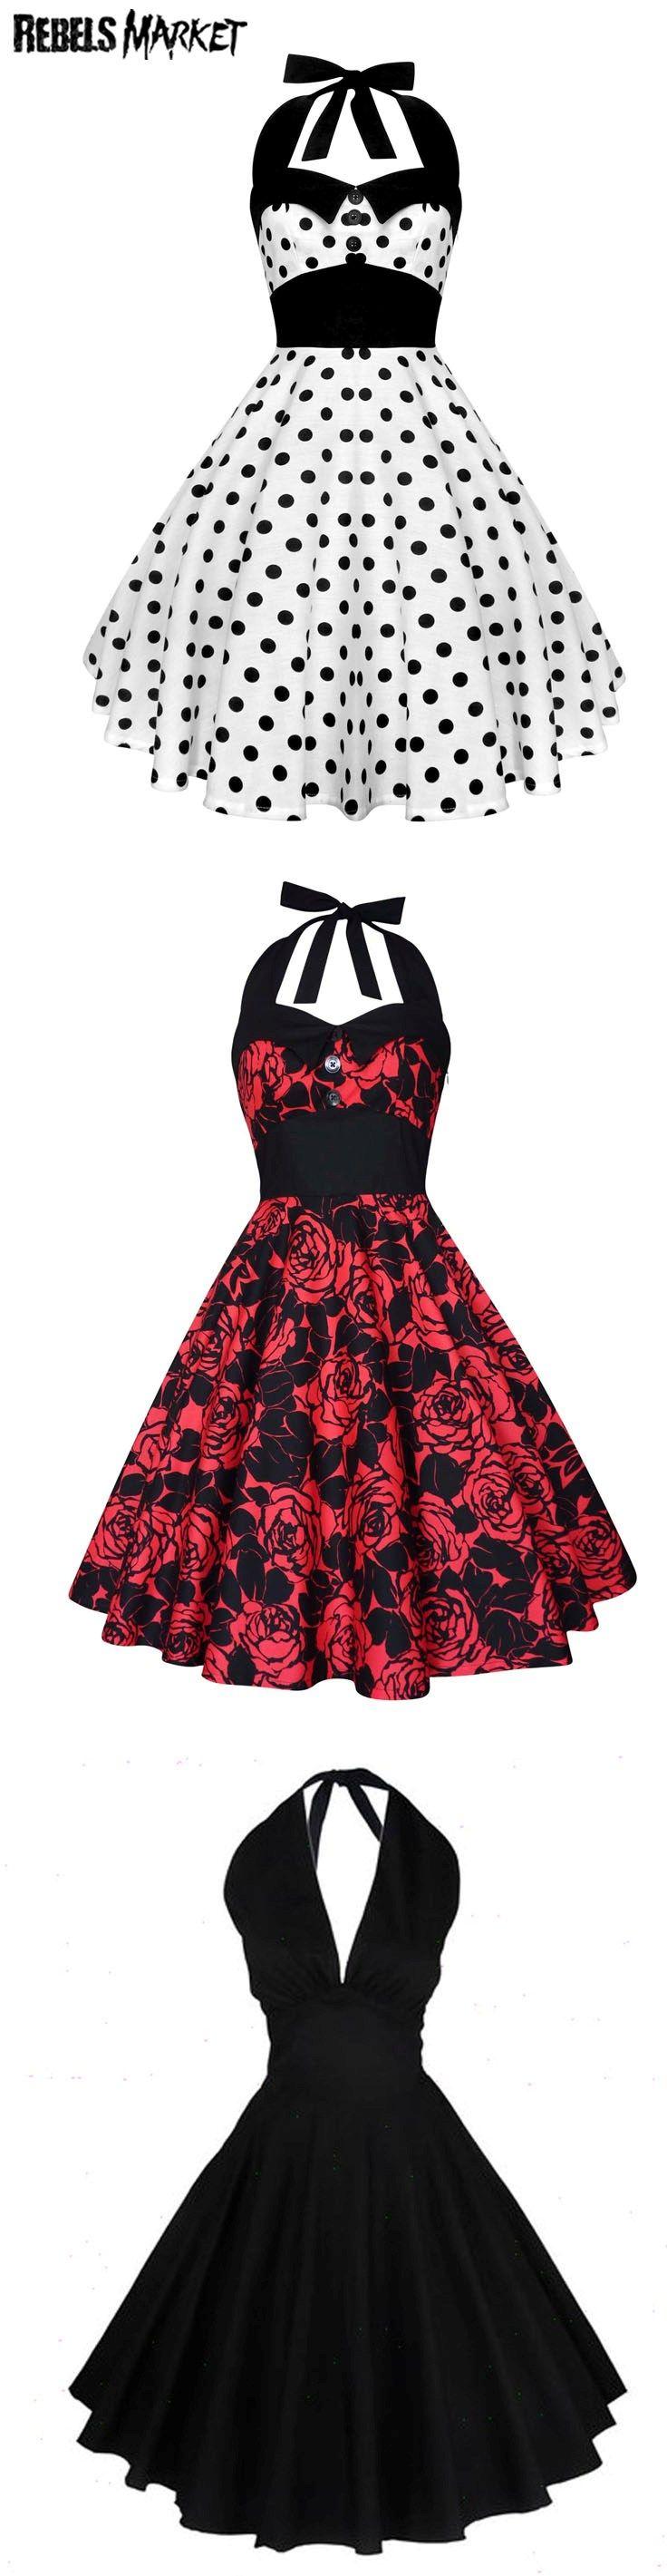 Shop rockabilly dresses for Valentine's Day at RebelsMarket.